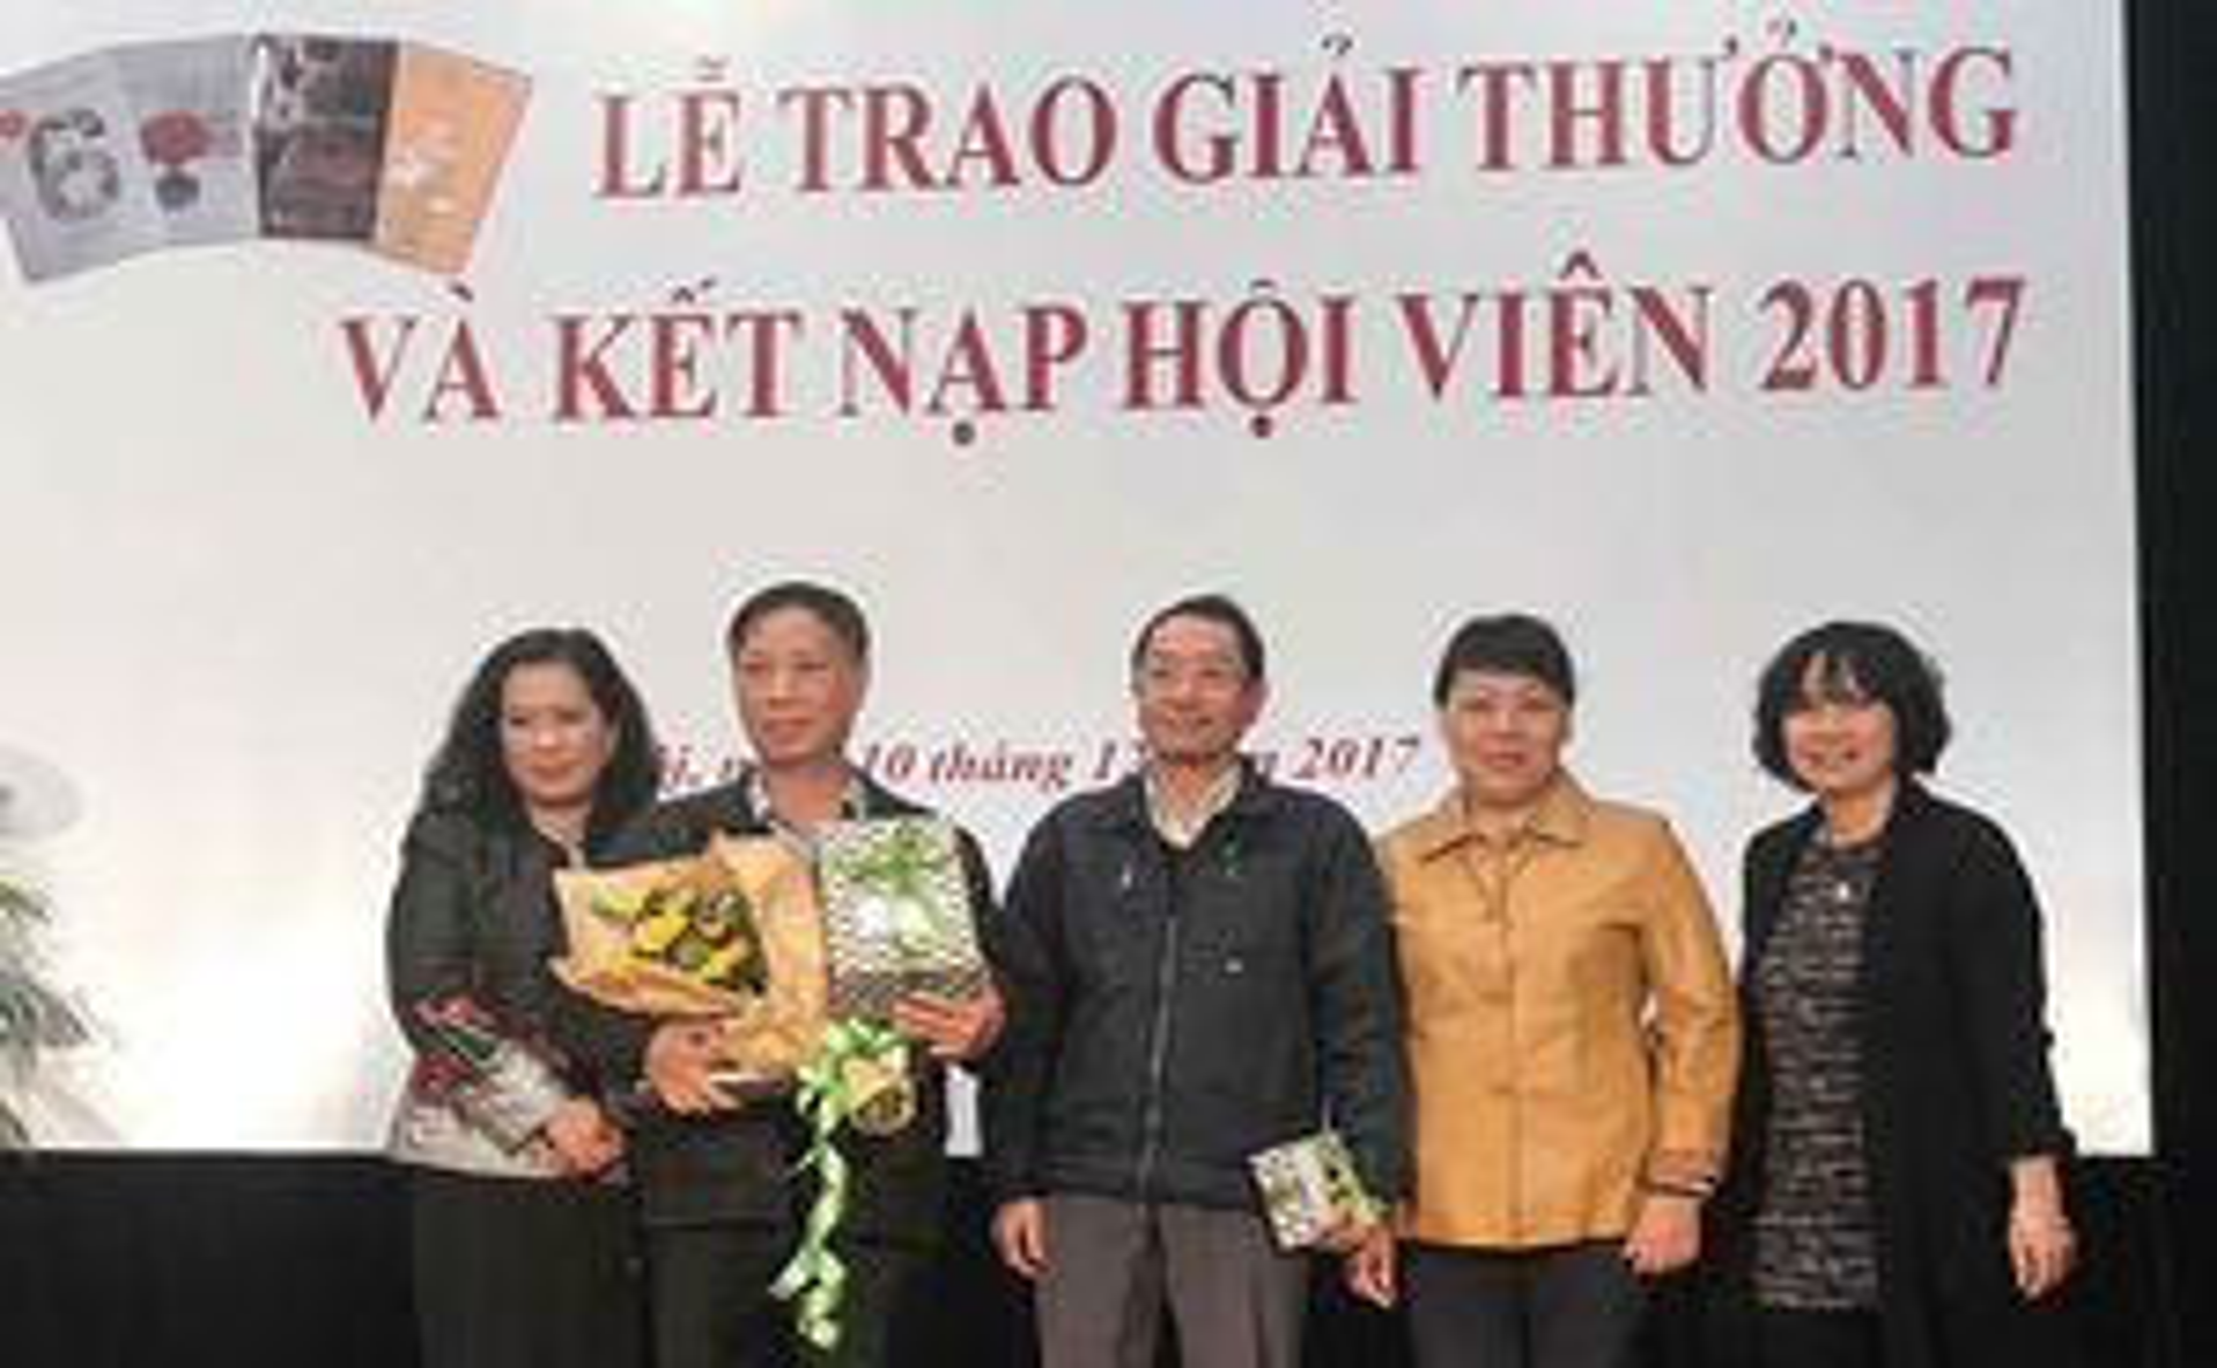 Văn giới Hà Nội, một năm nhìn lại